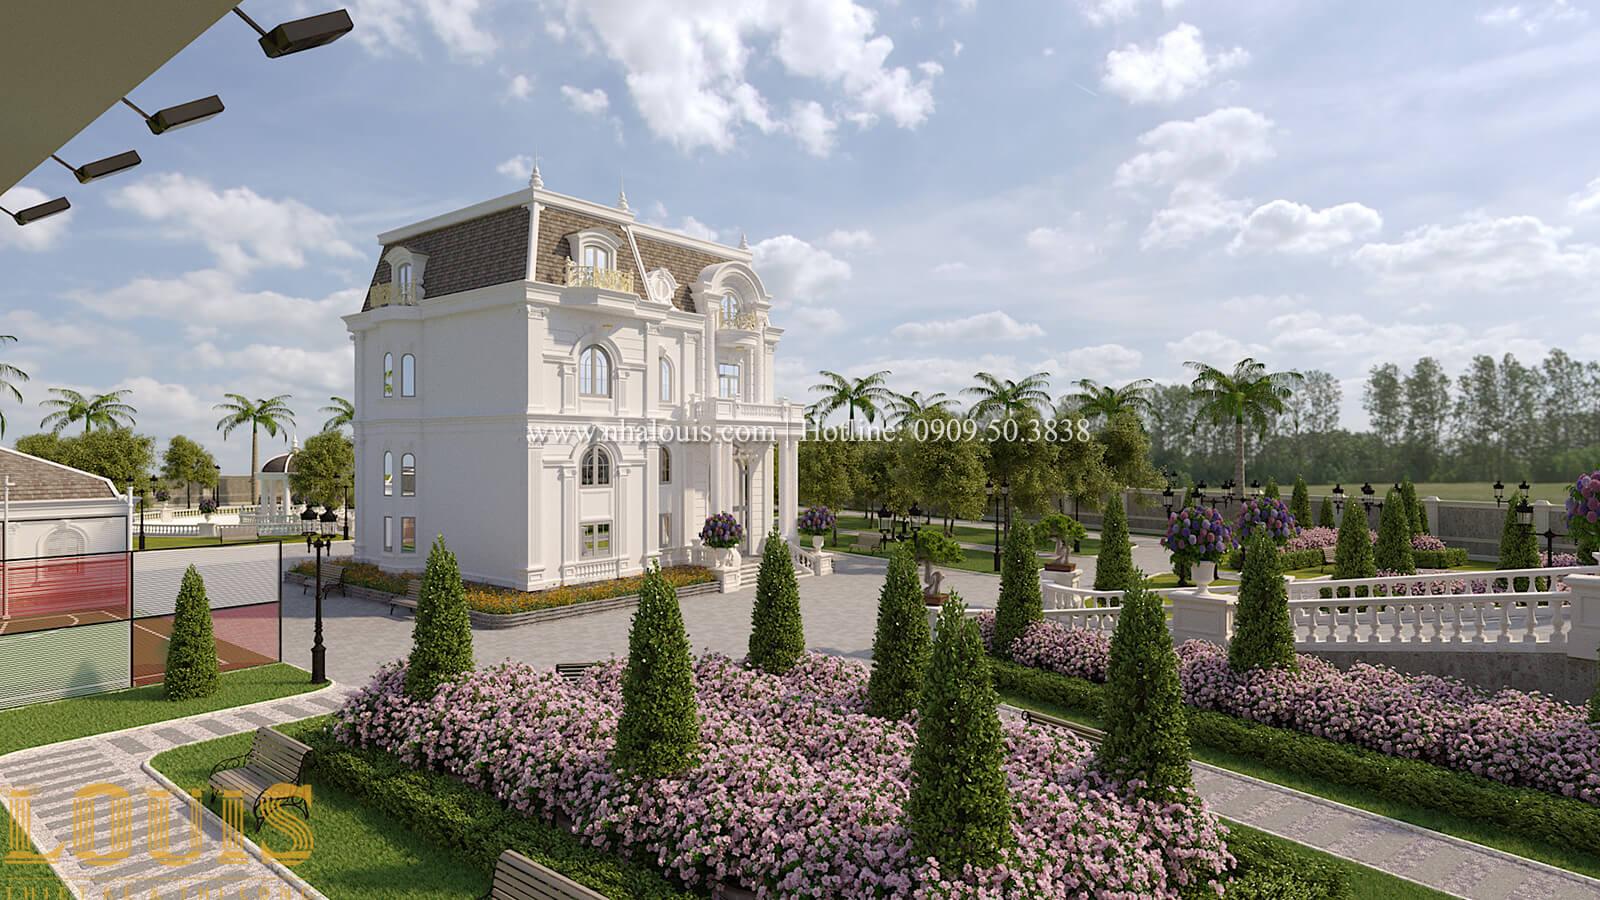 Sân vườn biệt thự cổ điển kiểu Pháp đẳng cấp tại Đồng Nai - 68